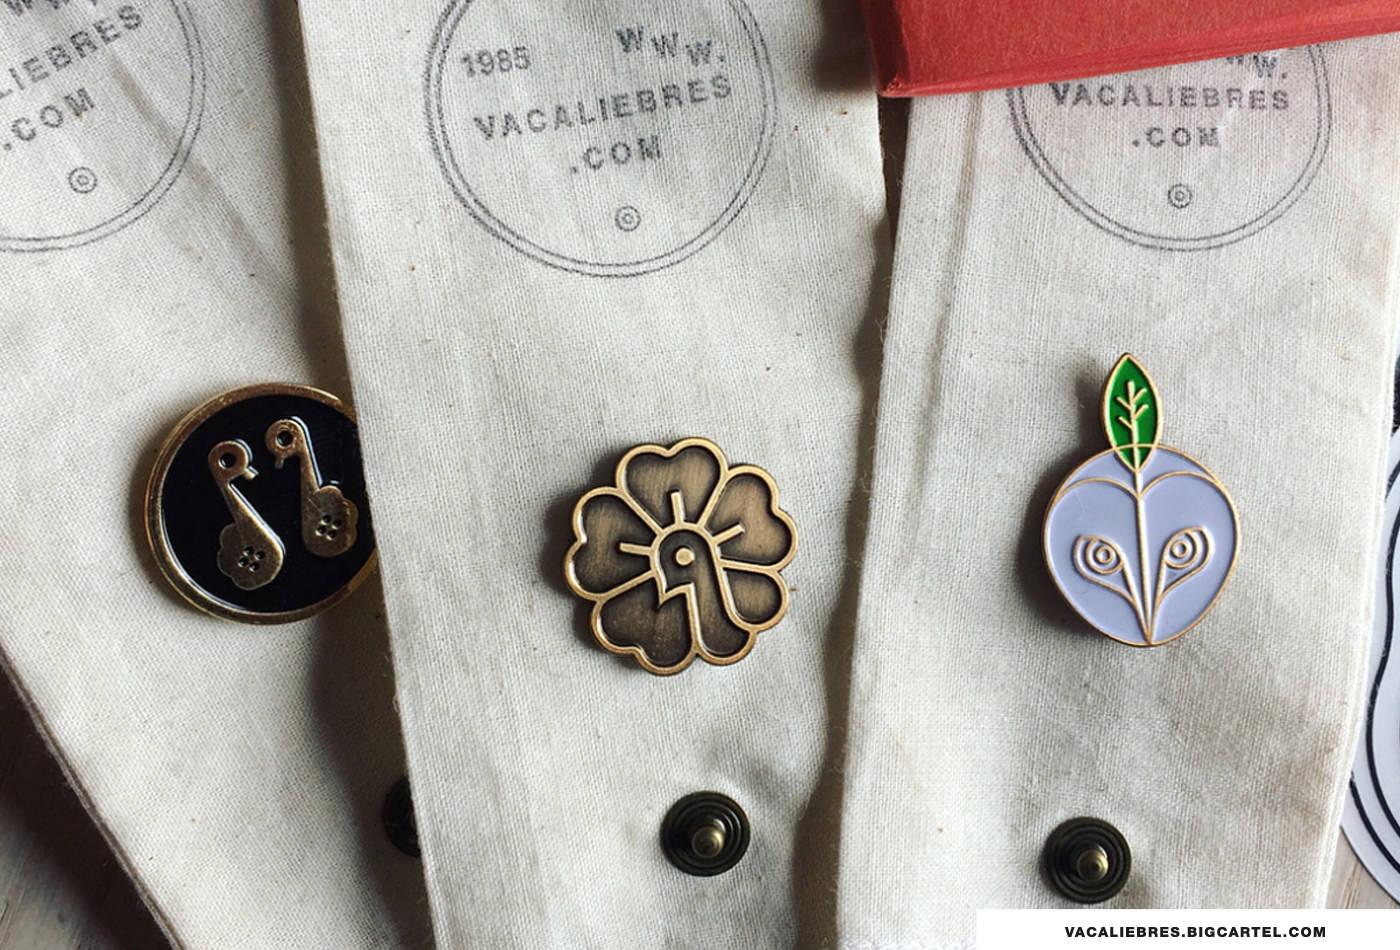 pin-pins-enamel-pin-vacaliebres-logo-logos-marks-spilla-goods-gadget-lapel-pins--pin